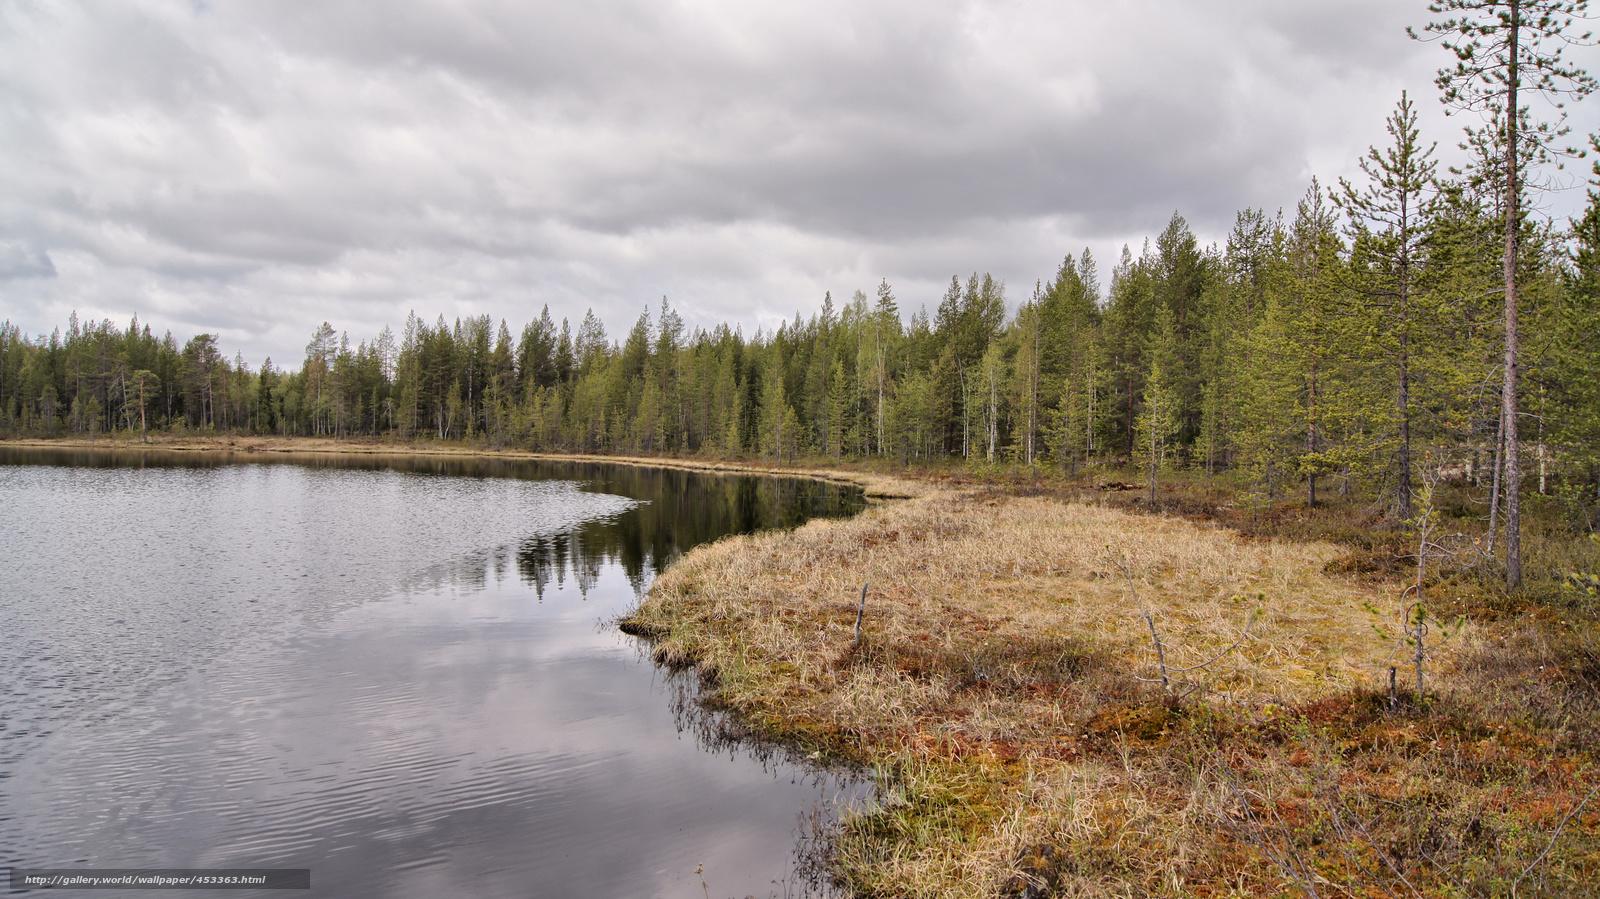 pobra tapety hdr,  las,  jezioro Darmowe tapety na pulpit rozdzielczoci 4912x2760 — zdjcie №453363